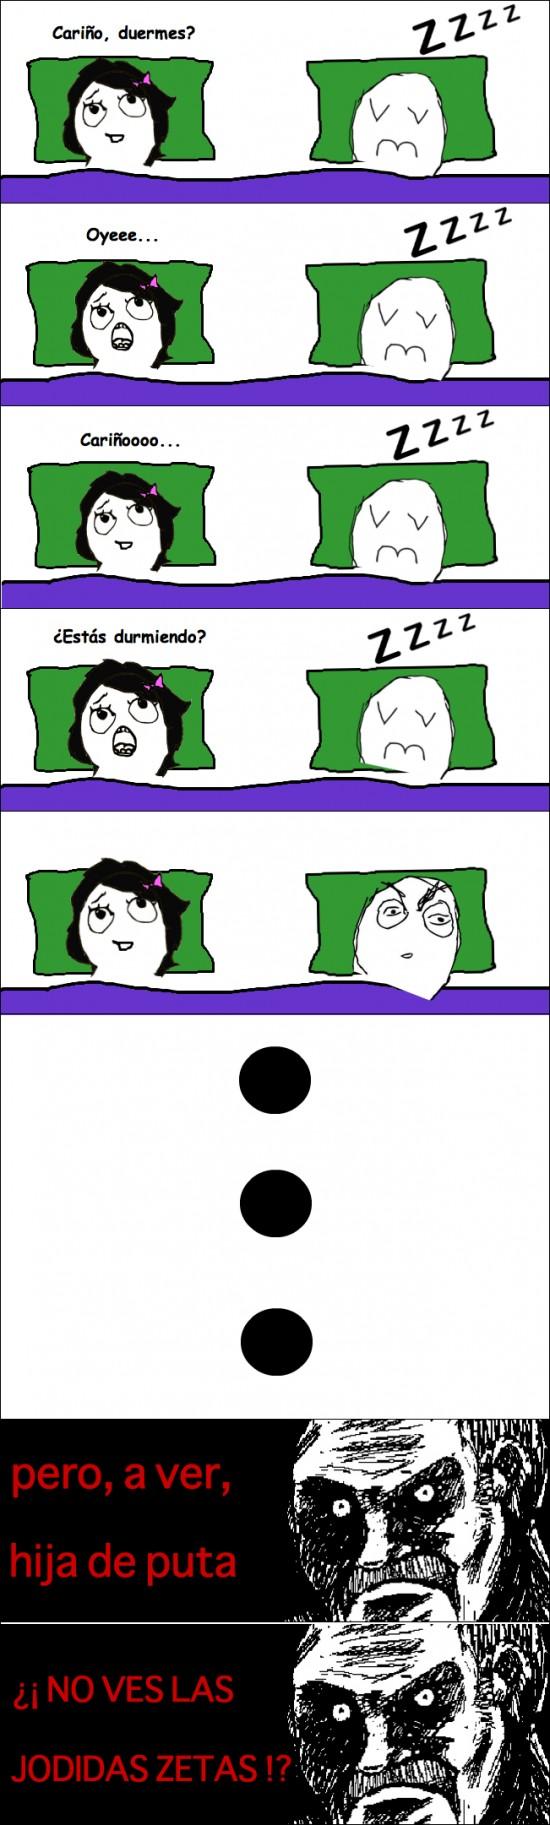 Mirada_fija - ¿Duermes?